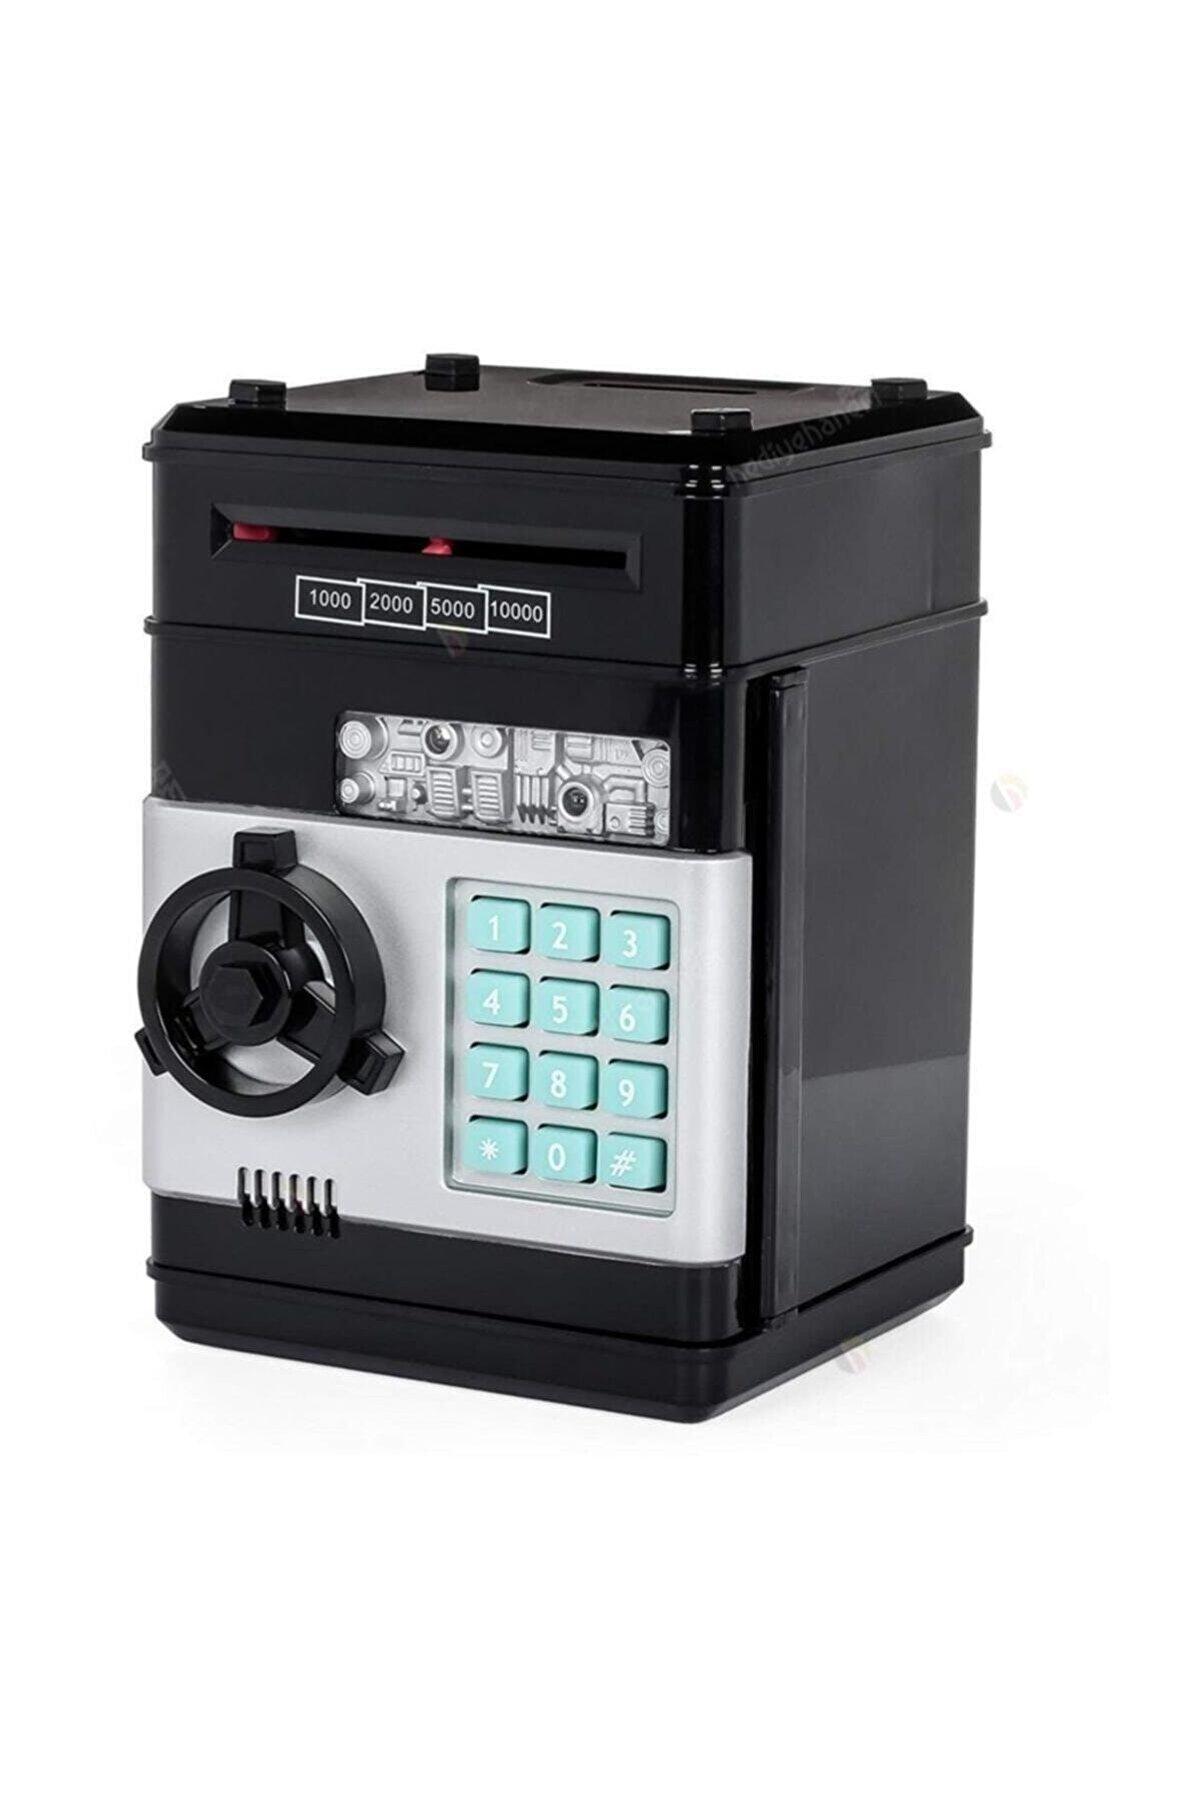 AKIN PAZAR Siyah Şifreli Kasa Atm Elektronik Kumbara